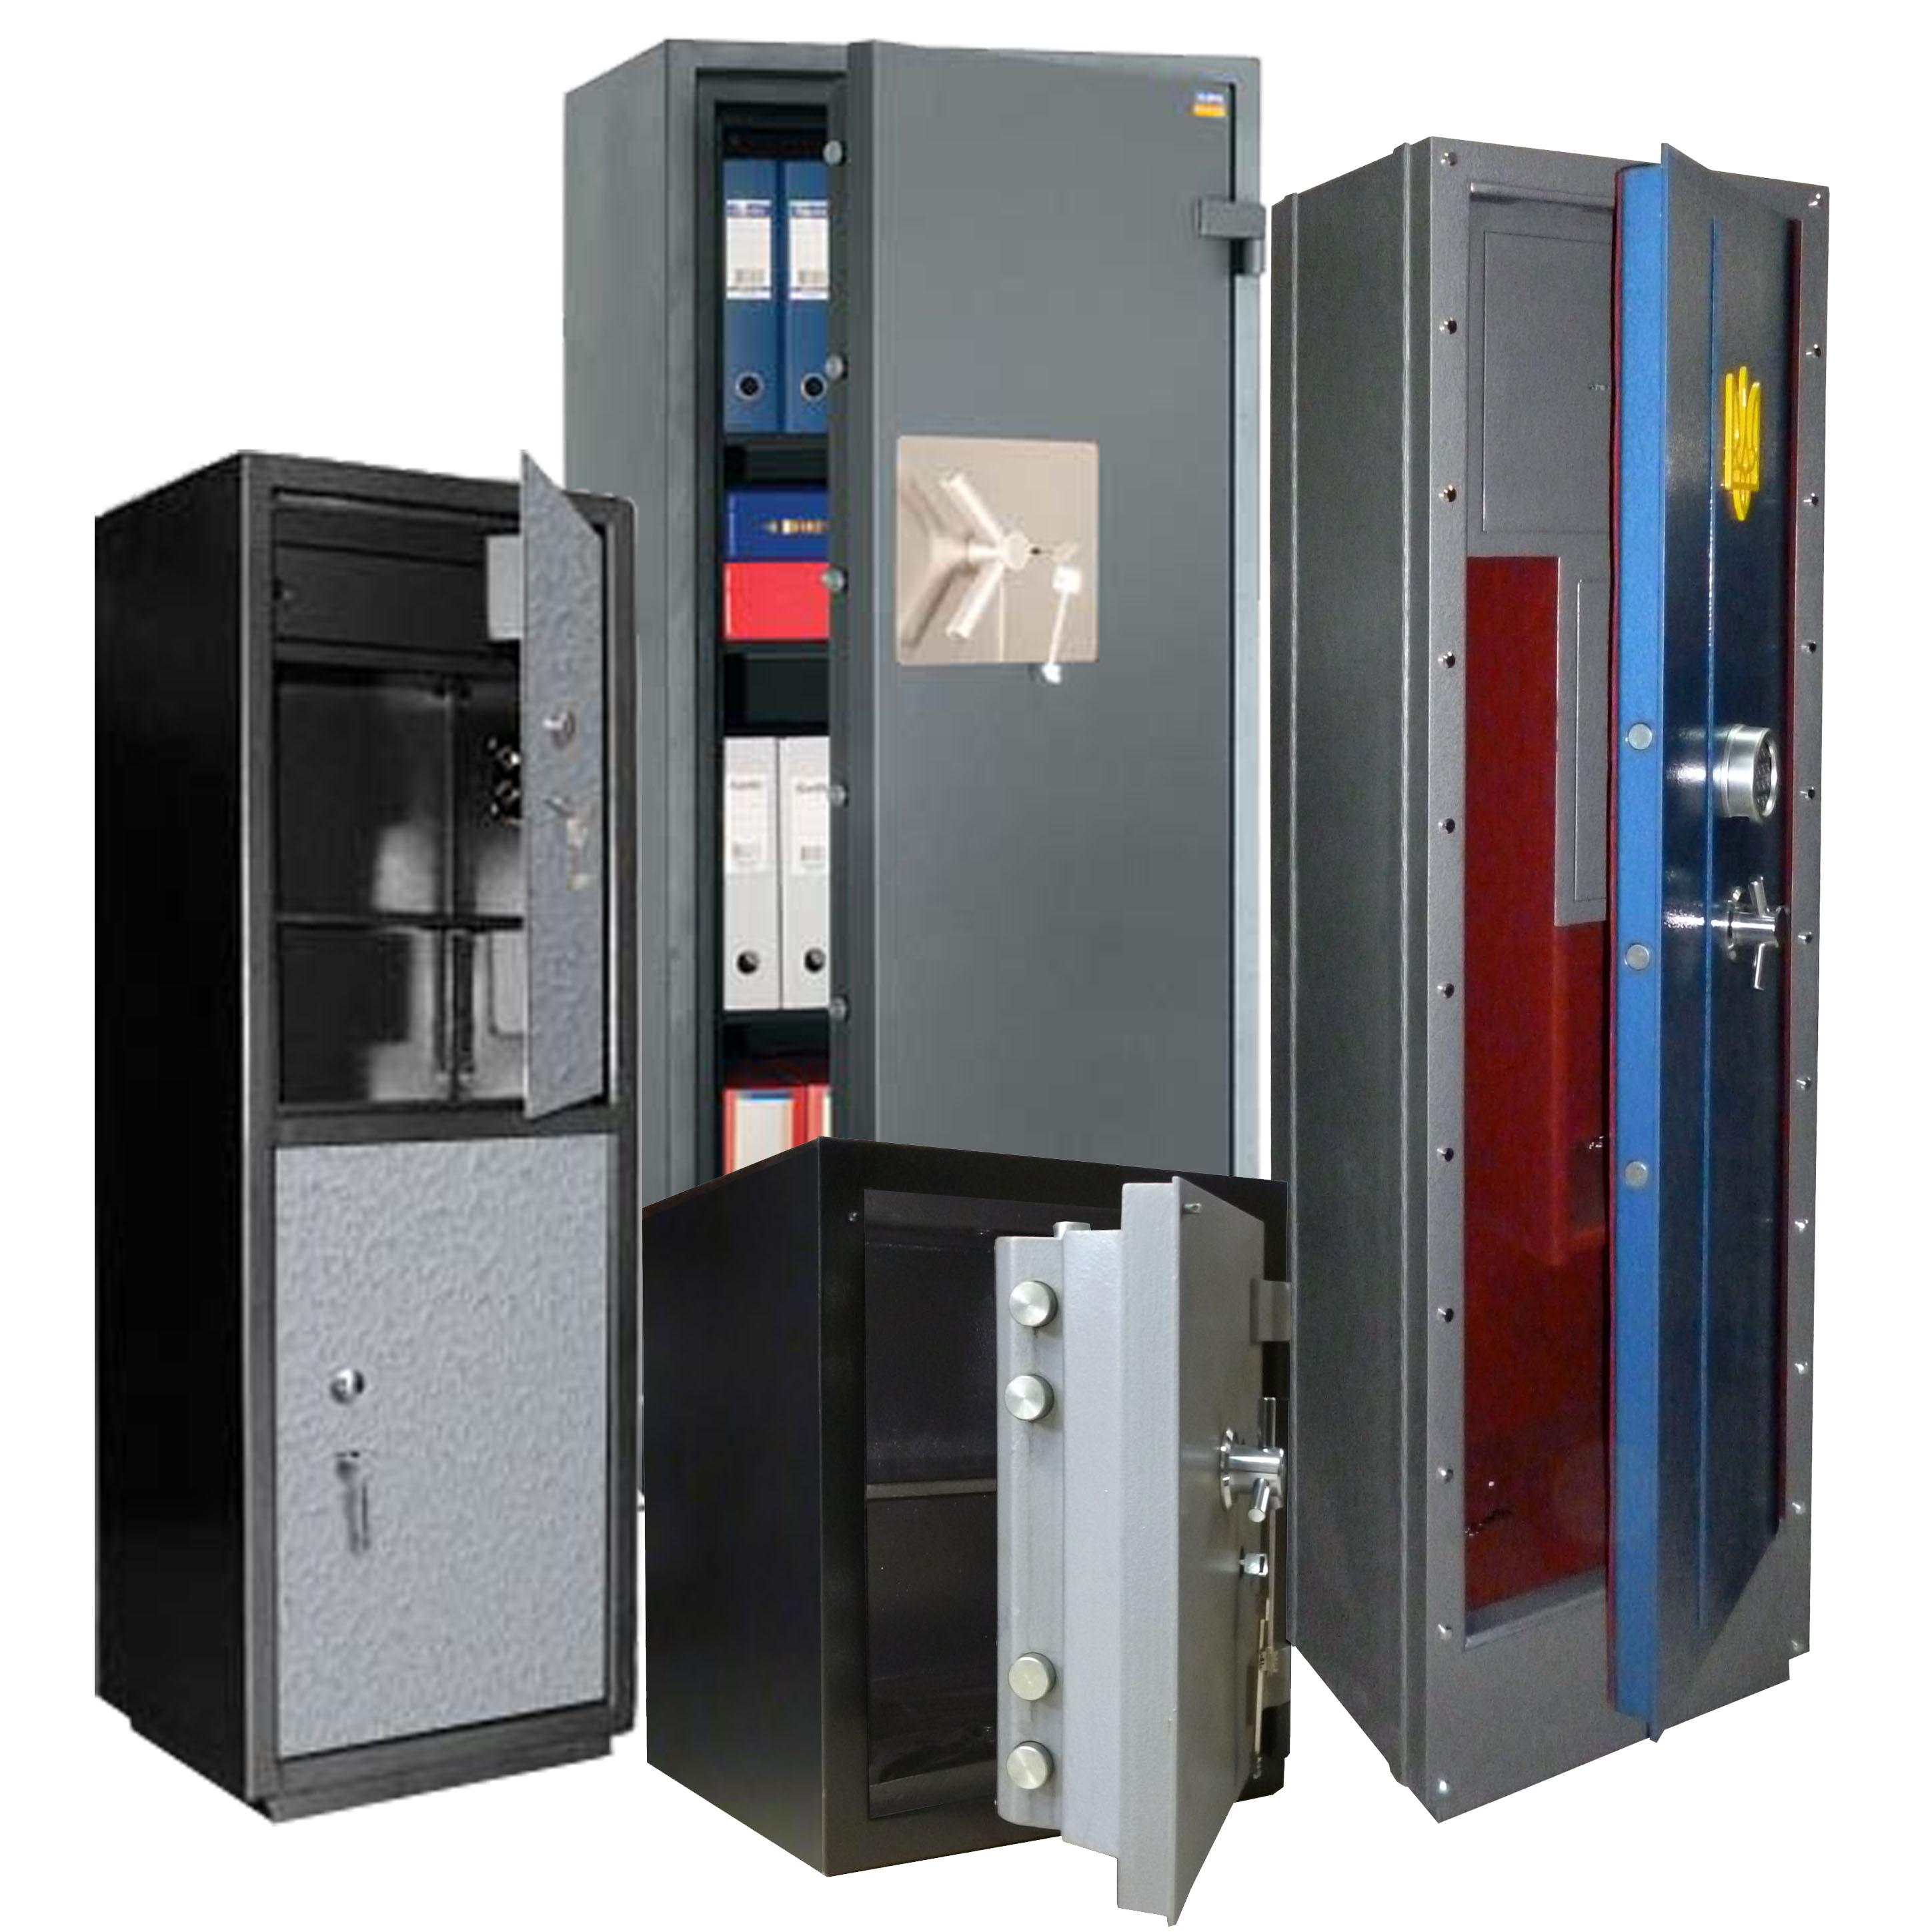 сейфы банковские сертифицированные, огнестойкие, сейфы конторские, сейфы мебельные, сейфы стенные, сейфы оружейные, сейфы взломостойкие